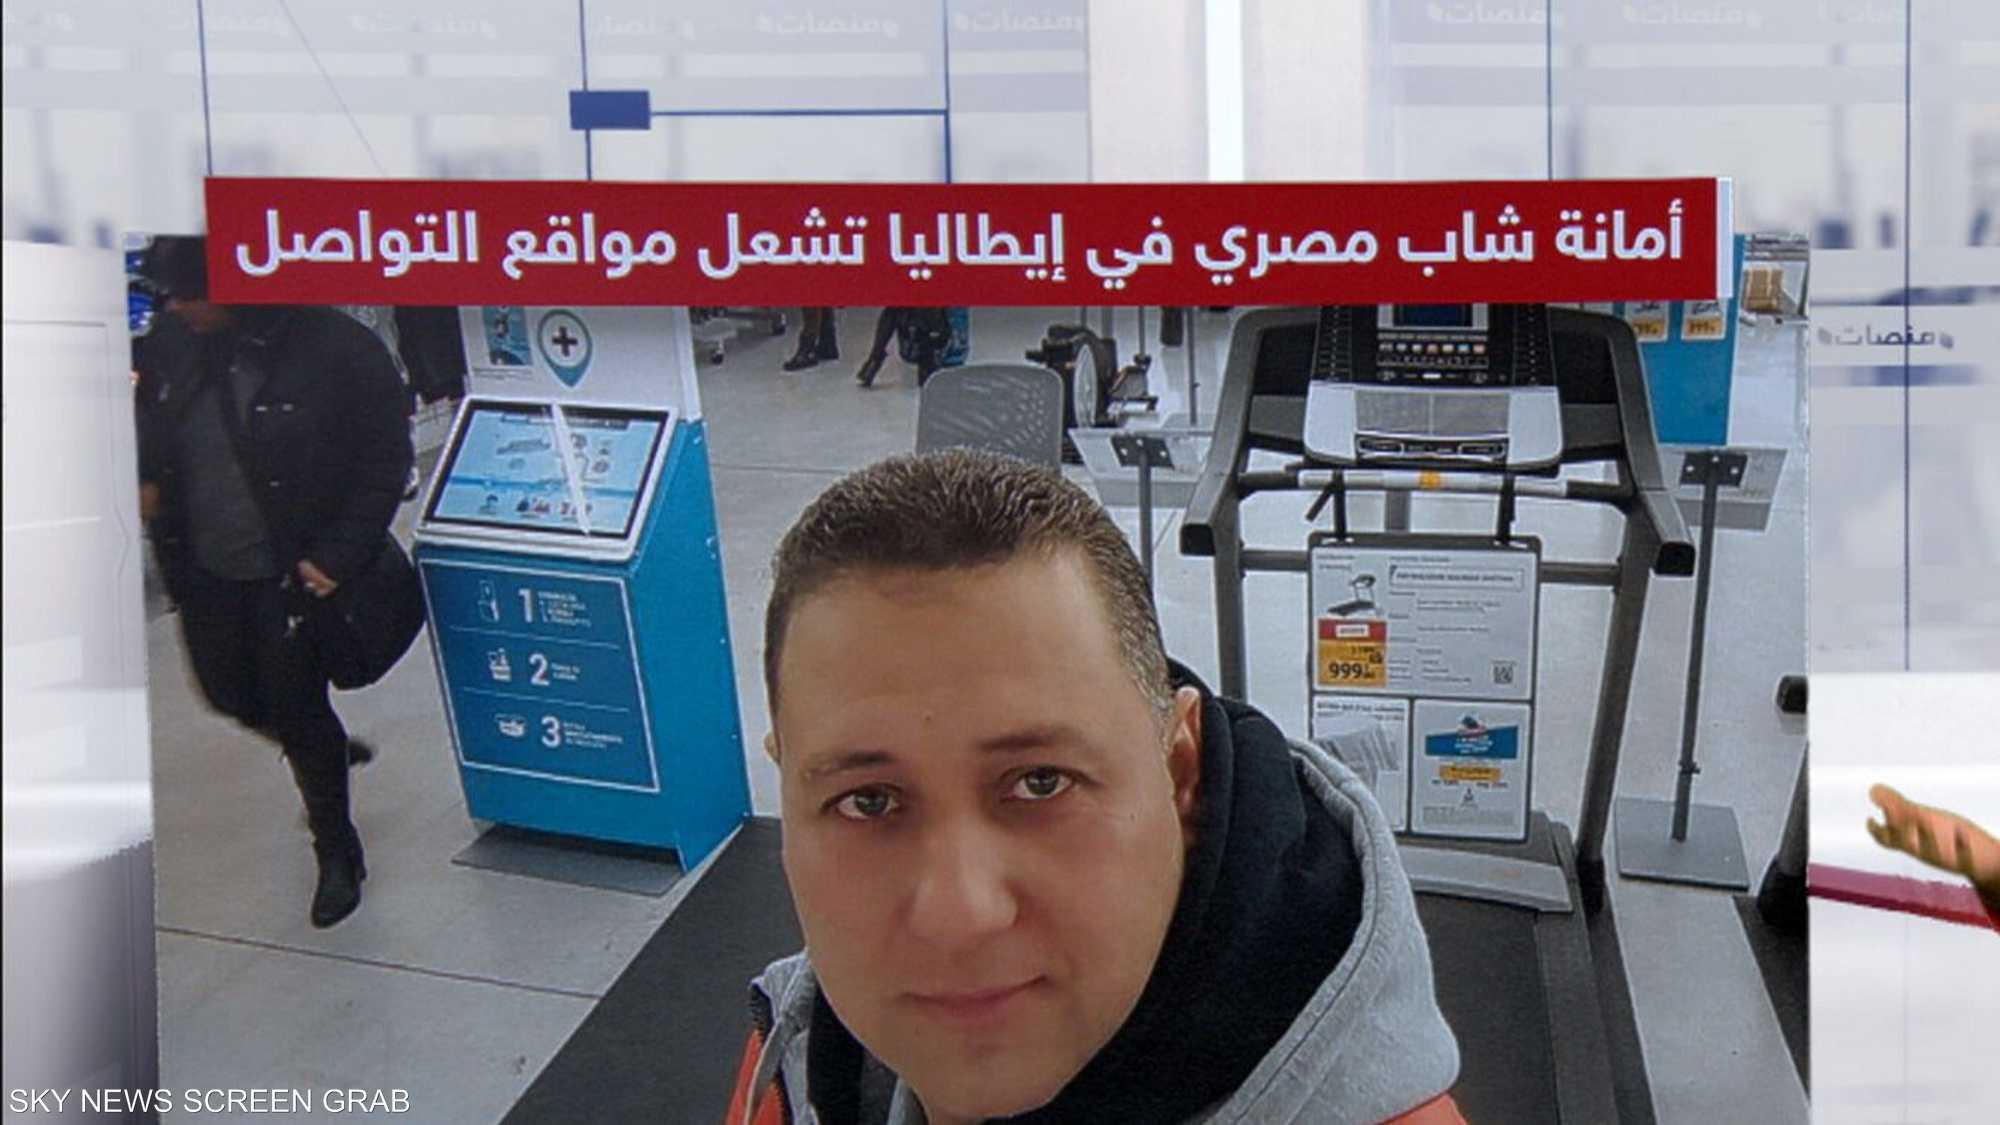 أمانة شاب مصري في إيطاليا تشعل مواقع التواصل